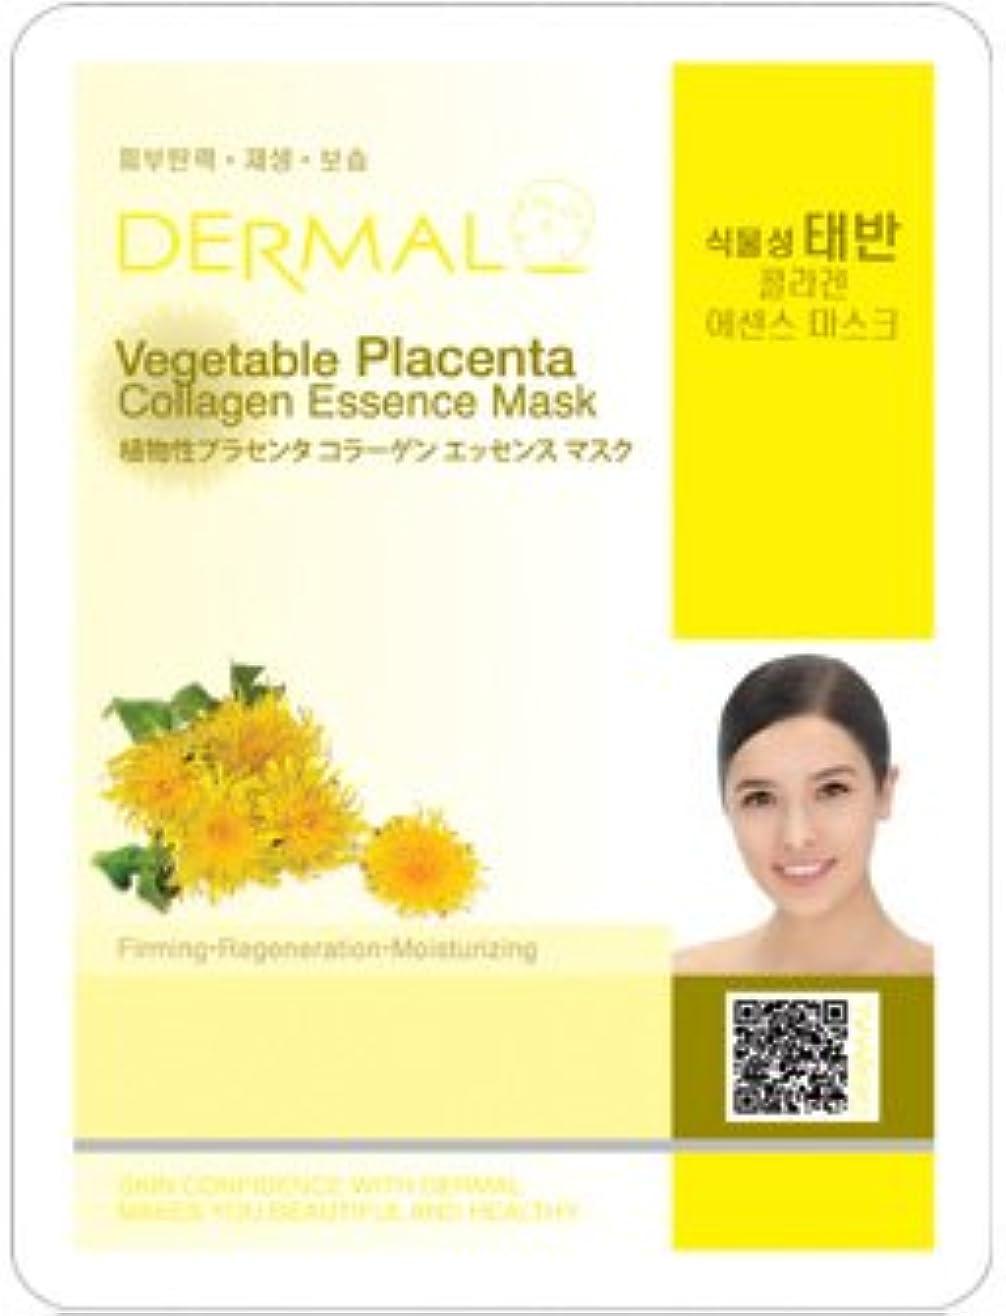 製作バレエうっかりシート マスク 植物性プラセンタ ダーマル Dermal 23g (10枚セット) フェイス パック